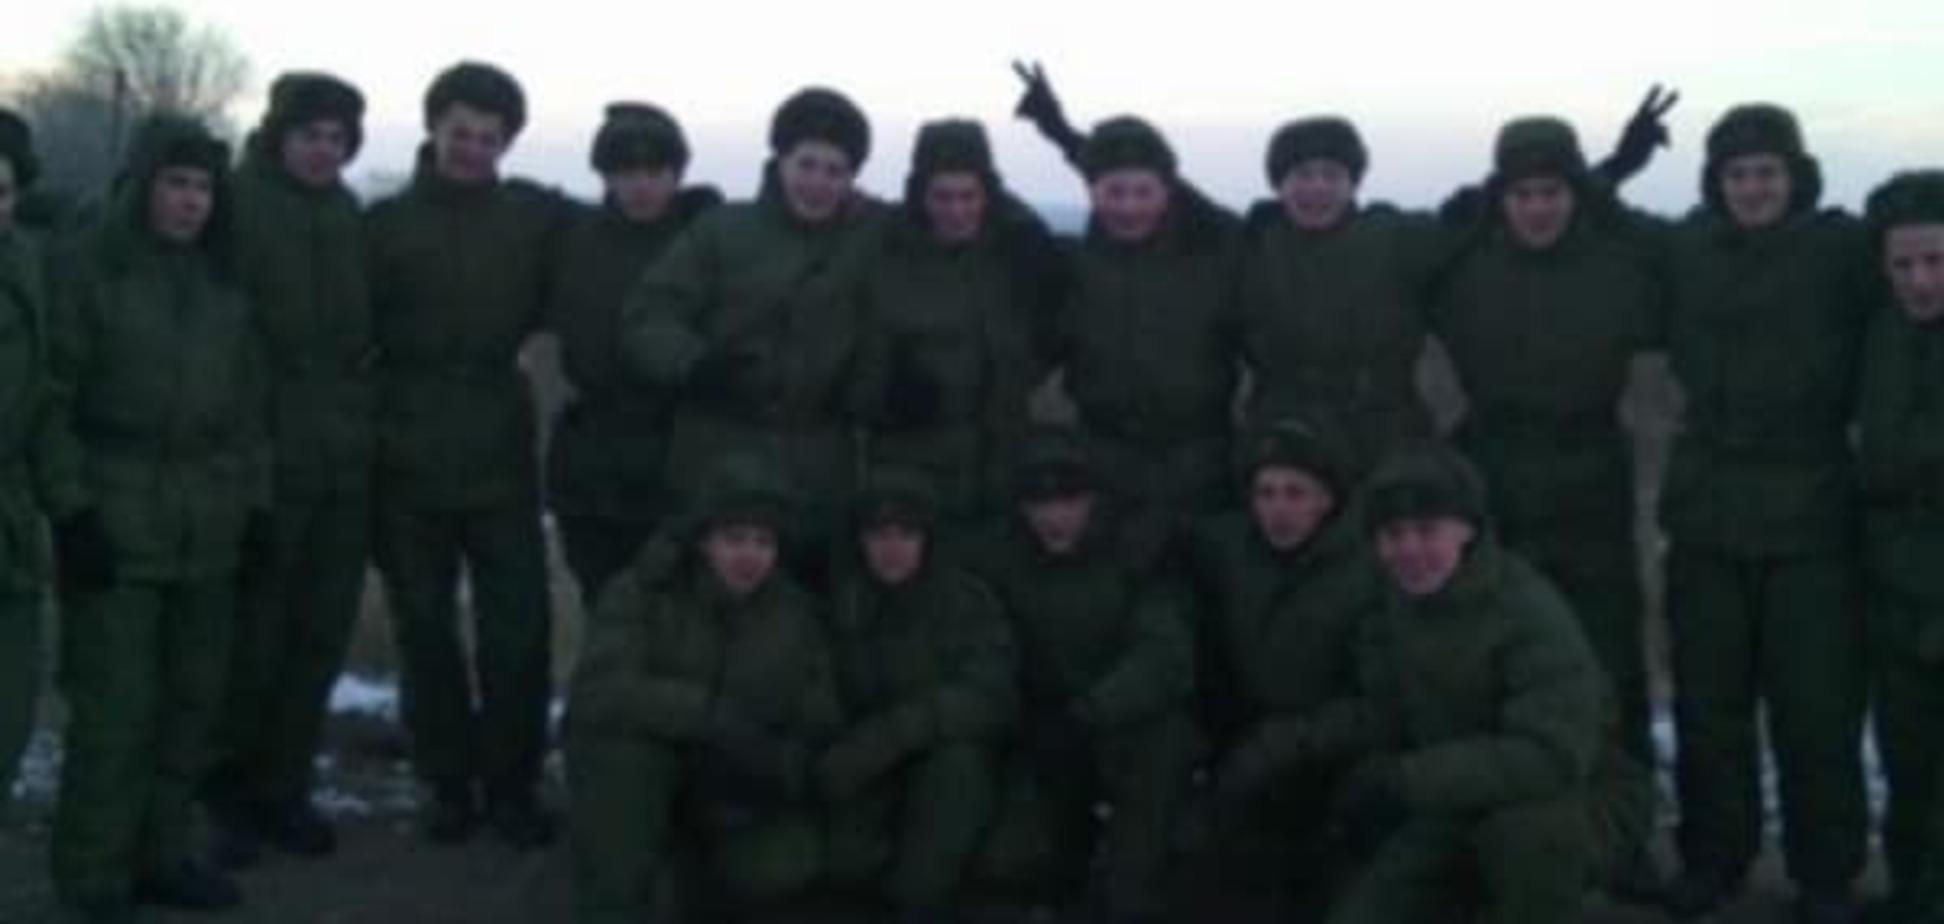 Россия в срочном порядке начала строить военную базу на Харьковском направлении: опубликованы фото